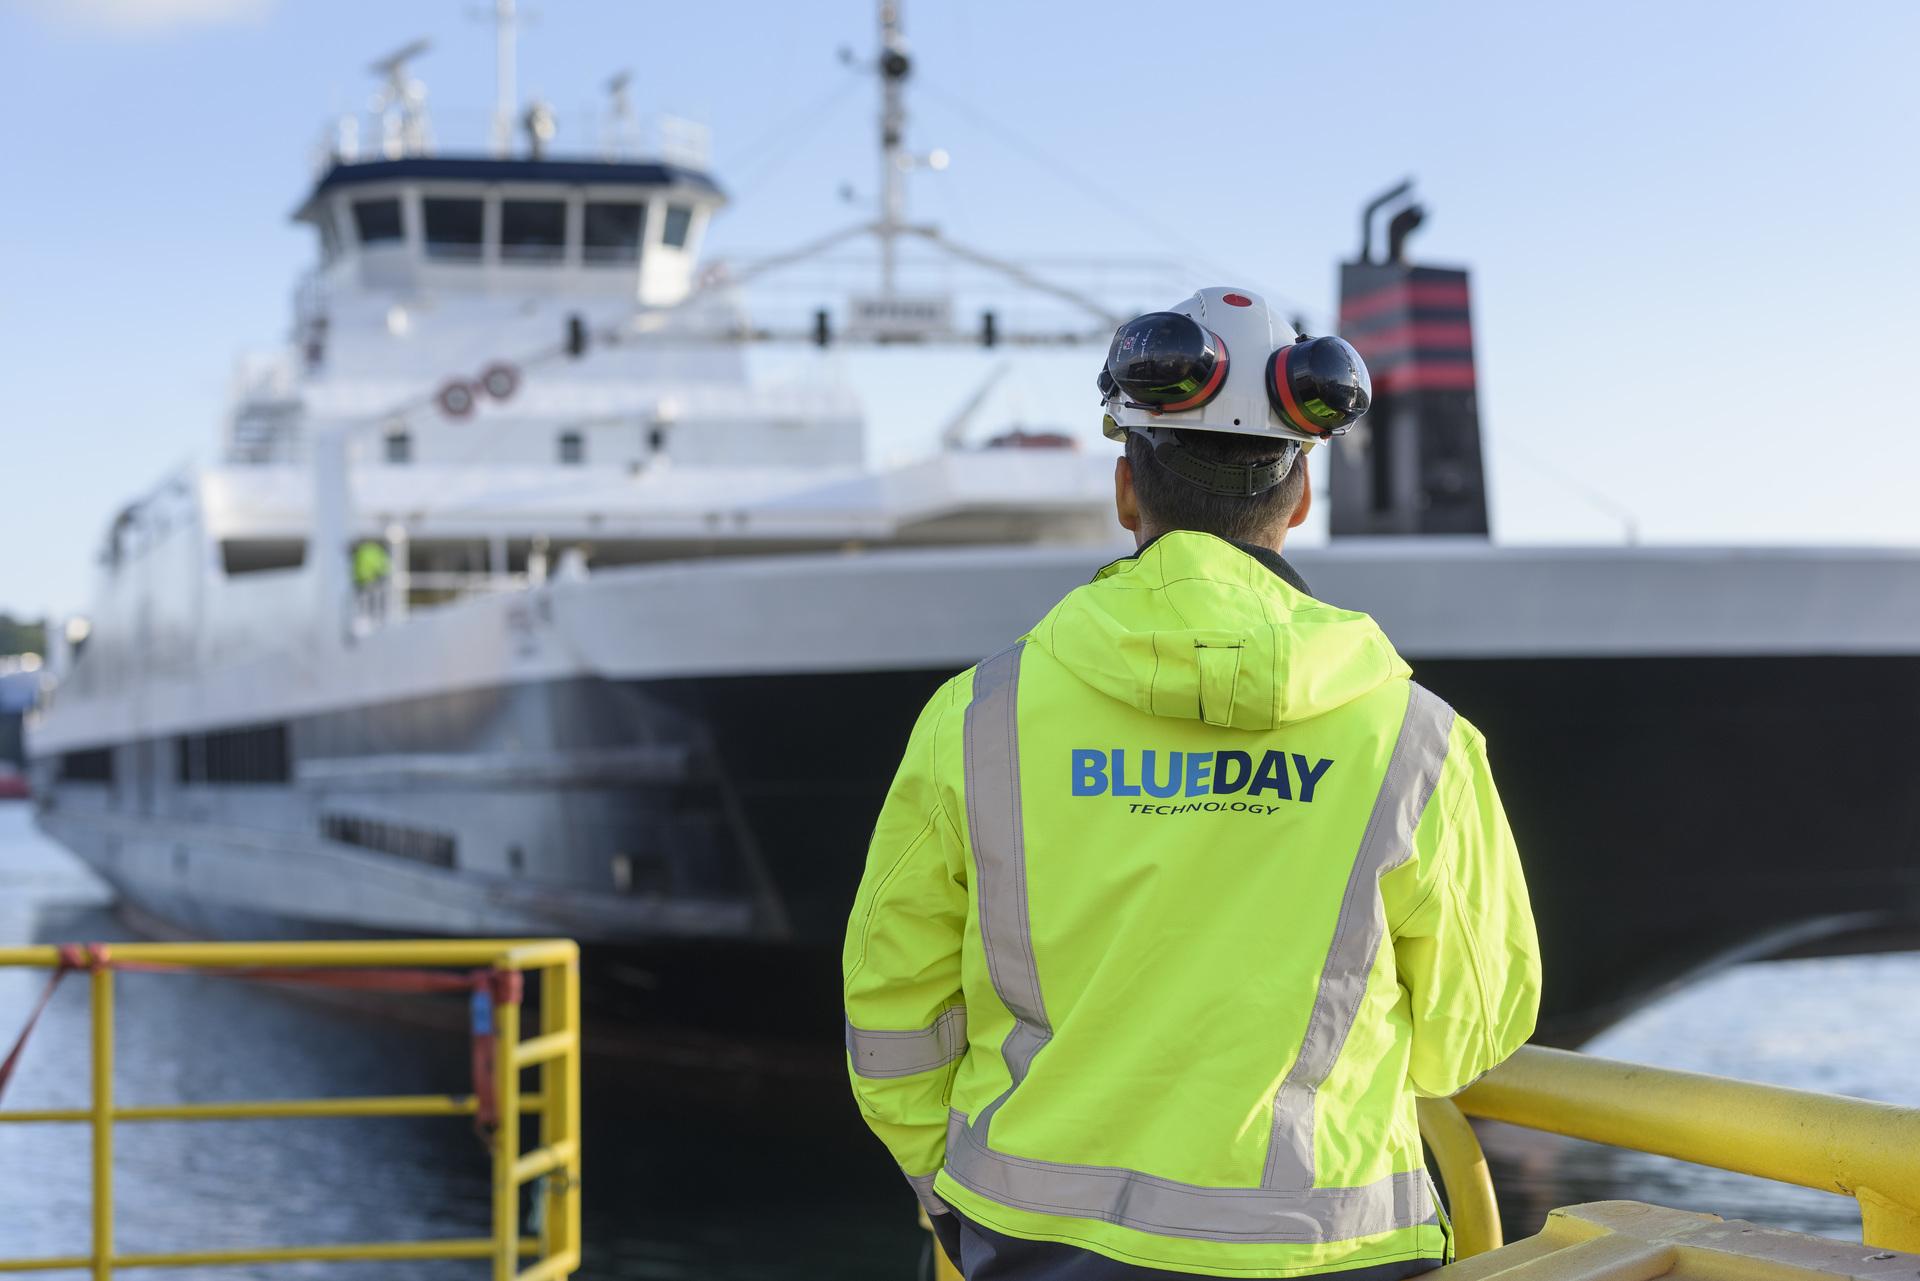 Blueday Technology utvikler blant annet elektrifiseringsløsninger rettet mot transportsektoren. Her ferja MV Opedal.